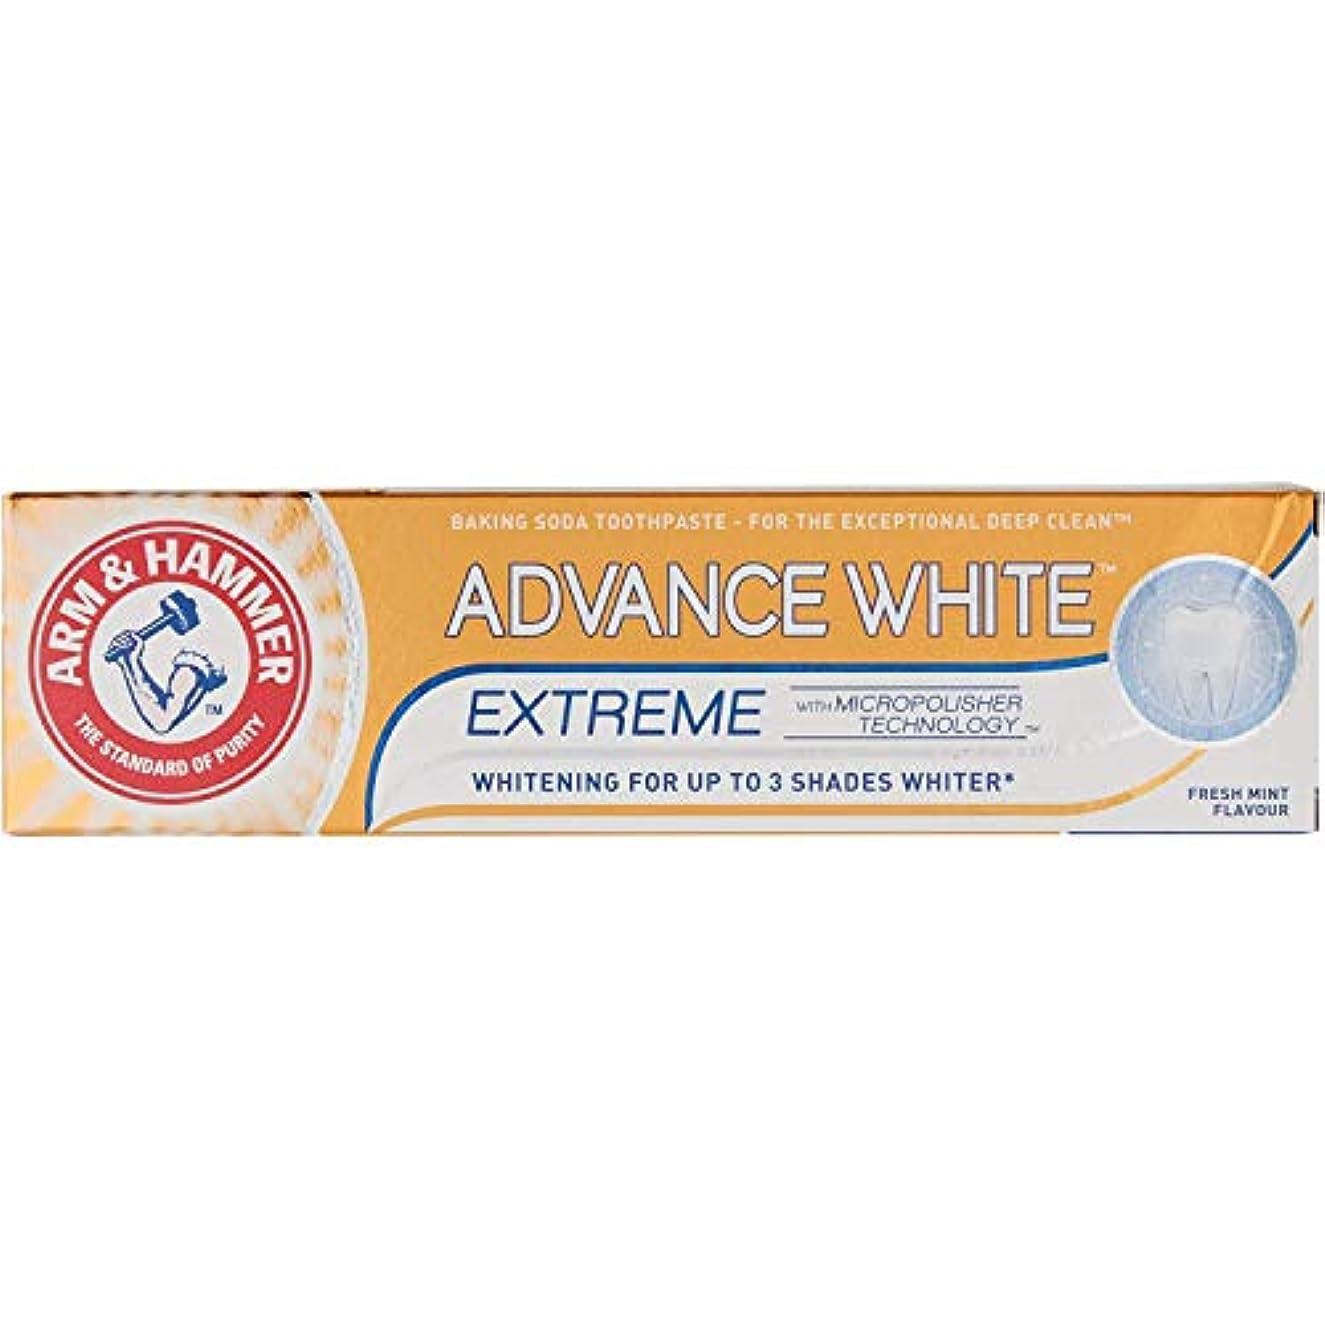 素晴らしいです想定フロンティアArm & Hammer Advance White Extreme Whitening Baking Soda Toothpaste 75Ml - Pack of 2 by Arm & Hammer